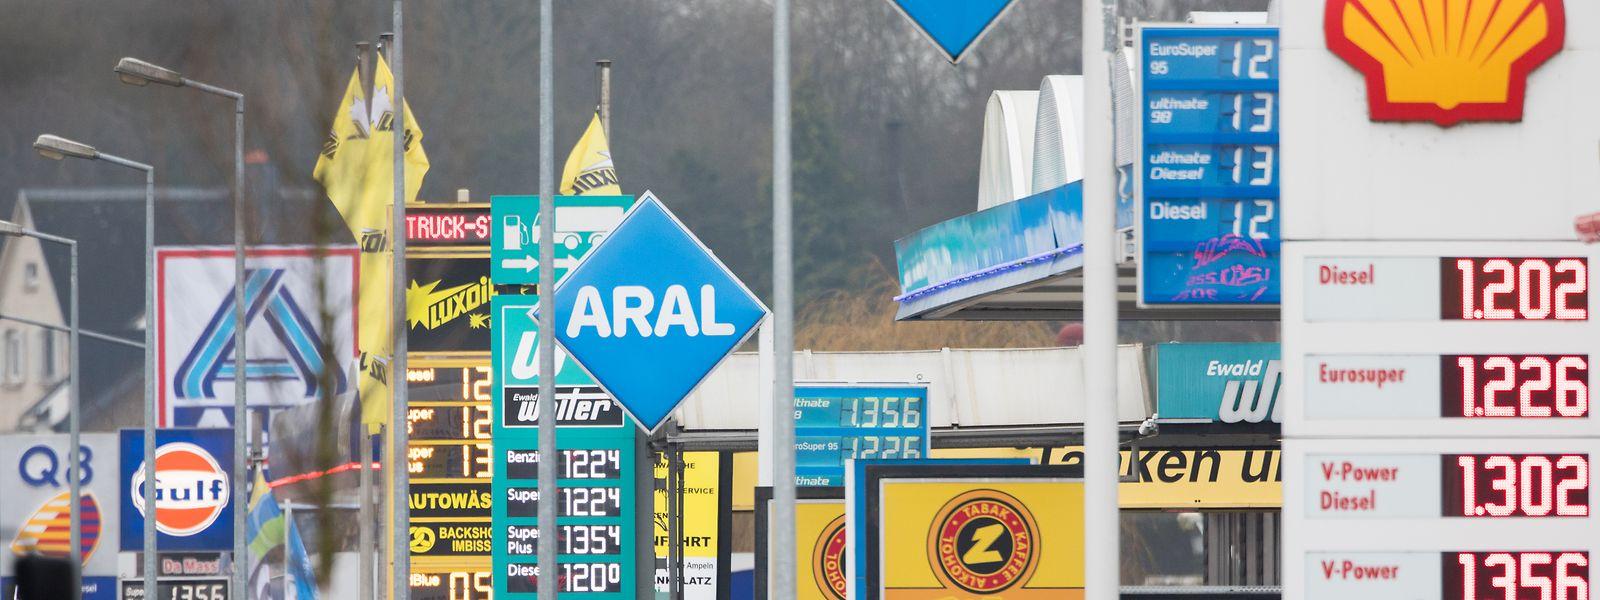 Les stations-service situées près des frontières ont été les plus impactées par la crise sanitaire